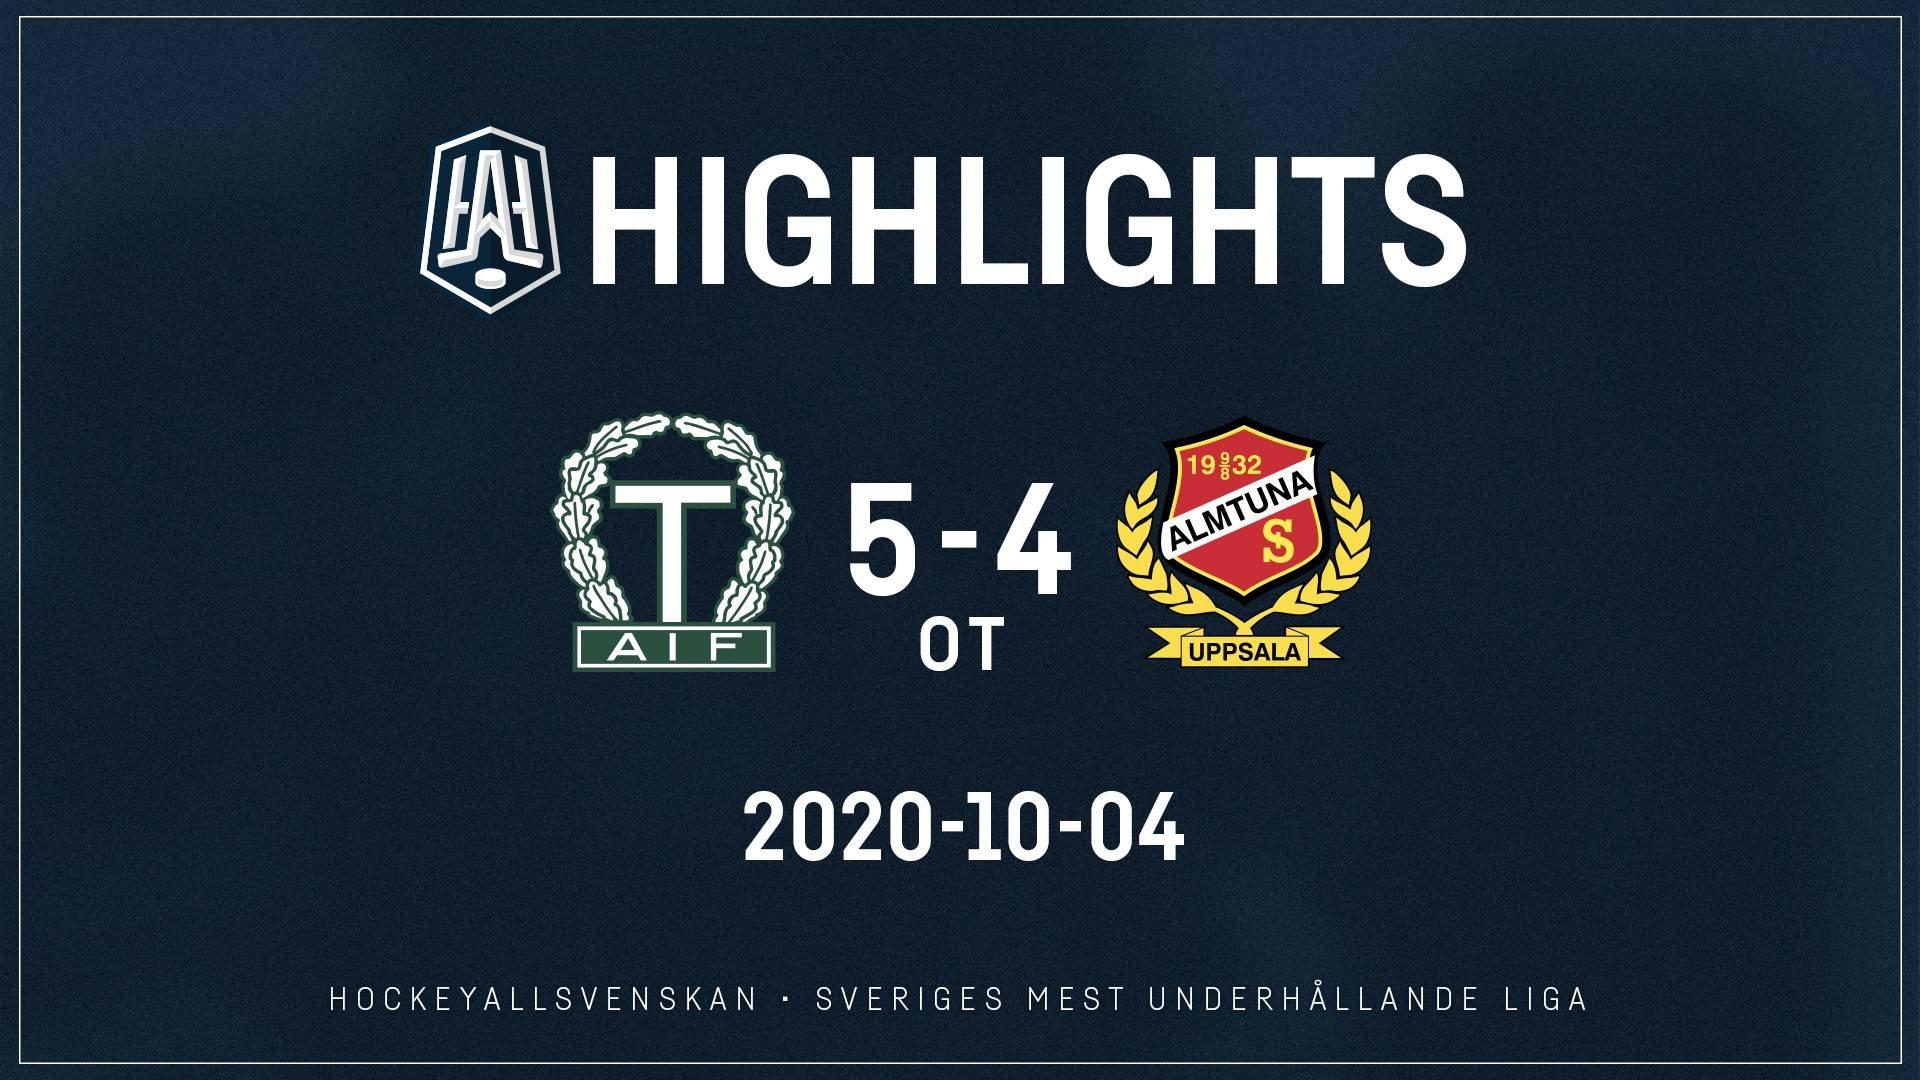 2020-10-04 Tingsryd - Almtuna 5-4 (OT)